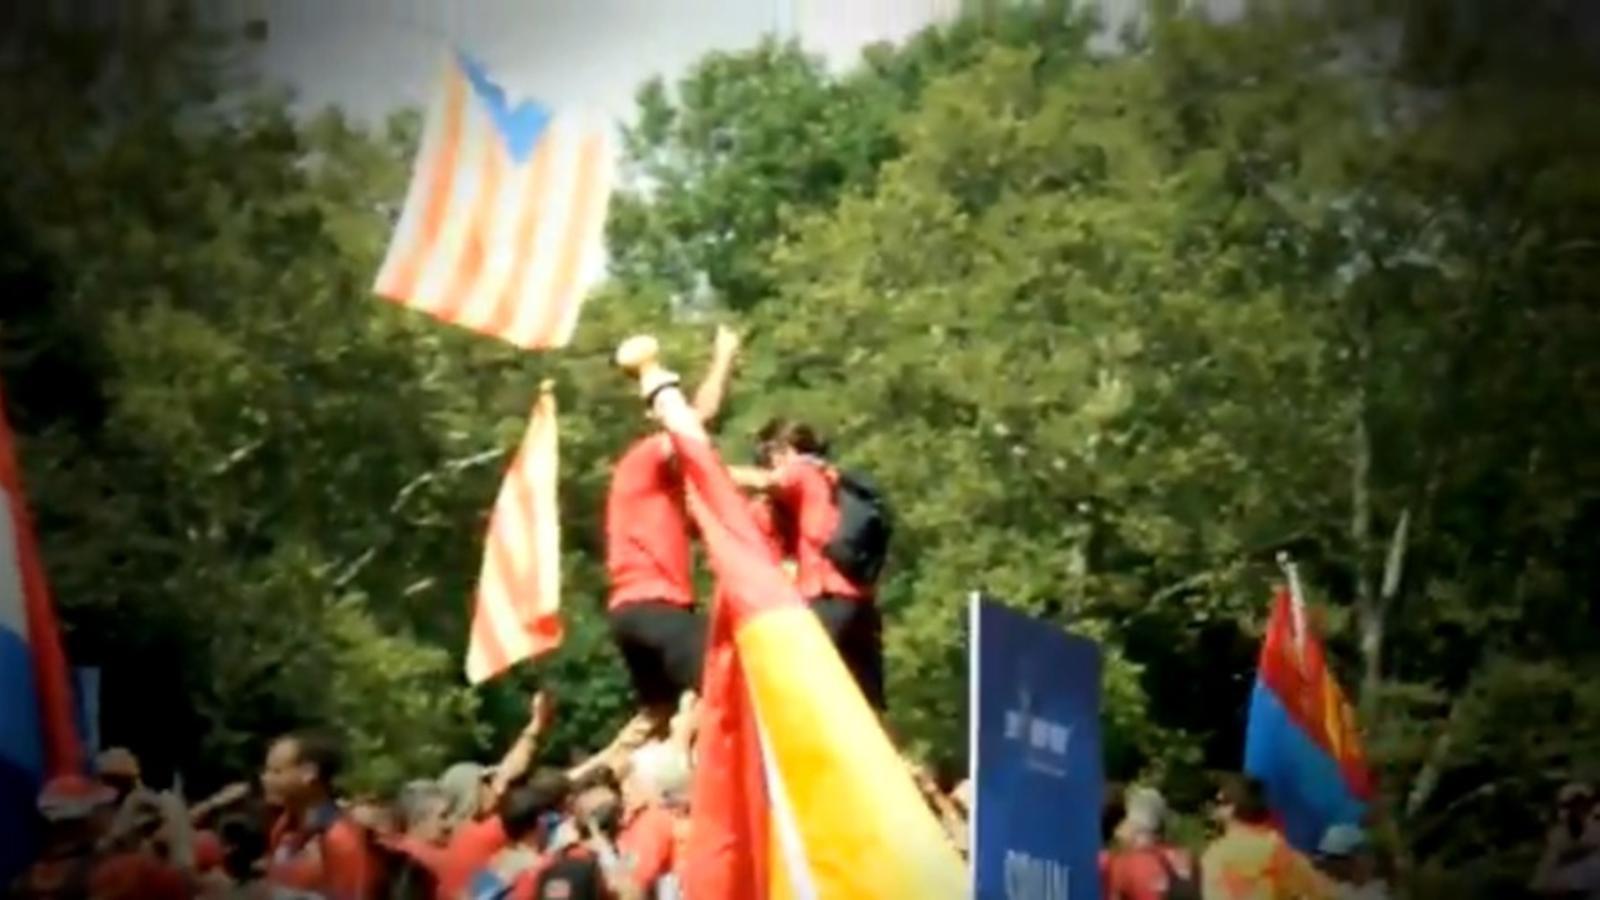 Policies i bombers espanyols escridassen els catalans en els seus Jocs Mundials